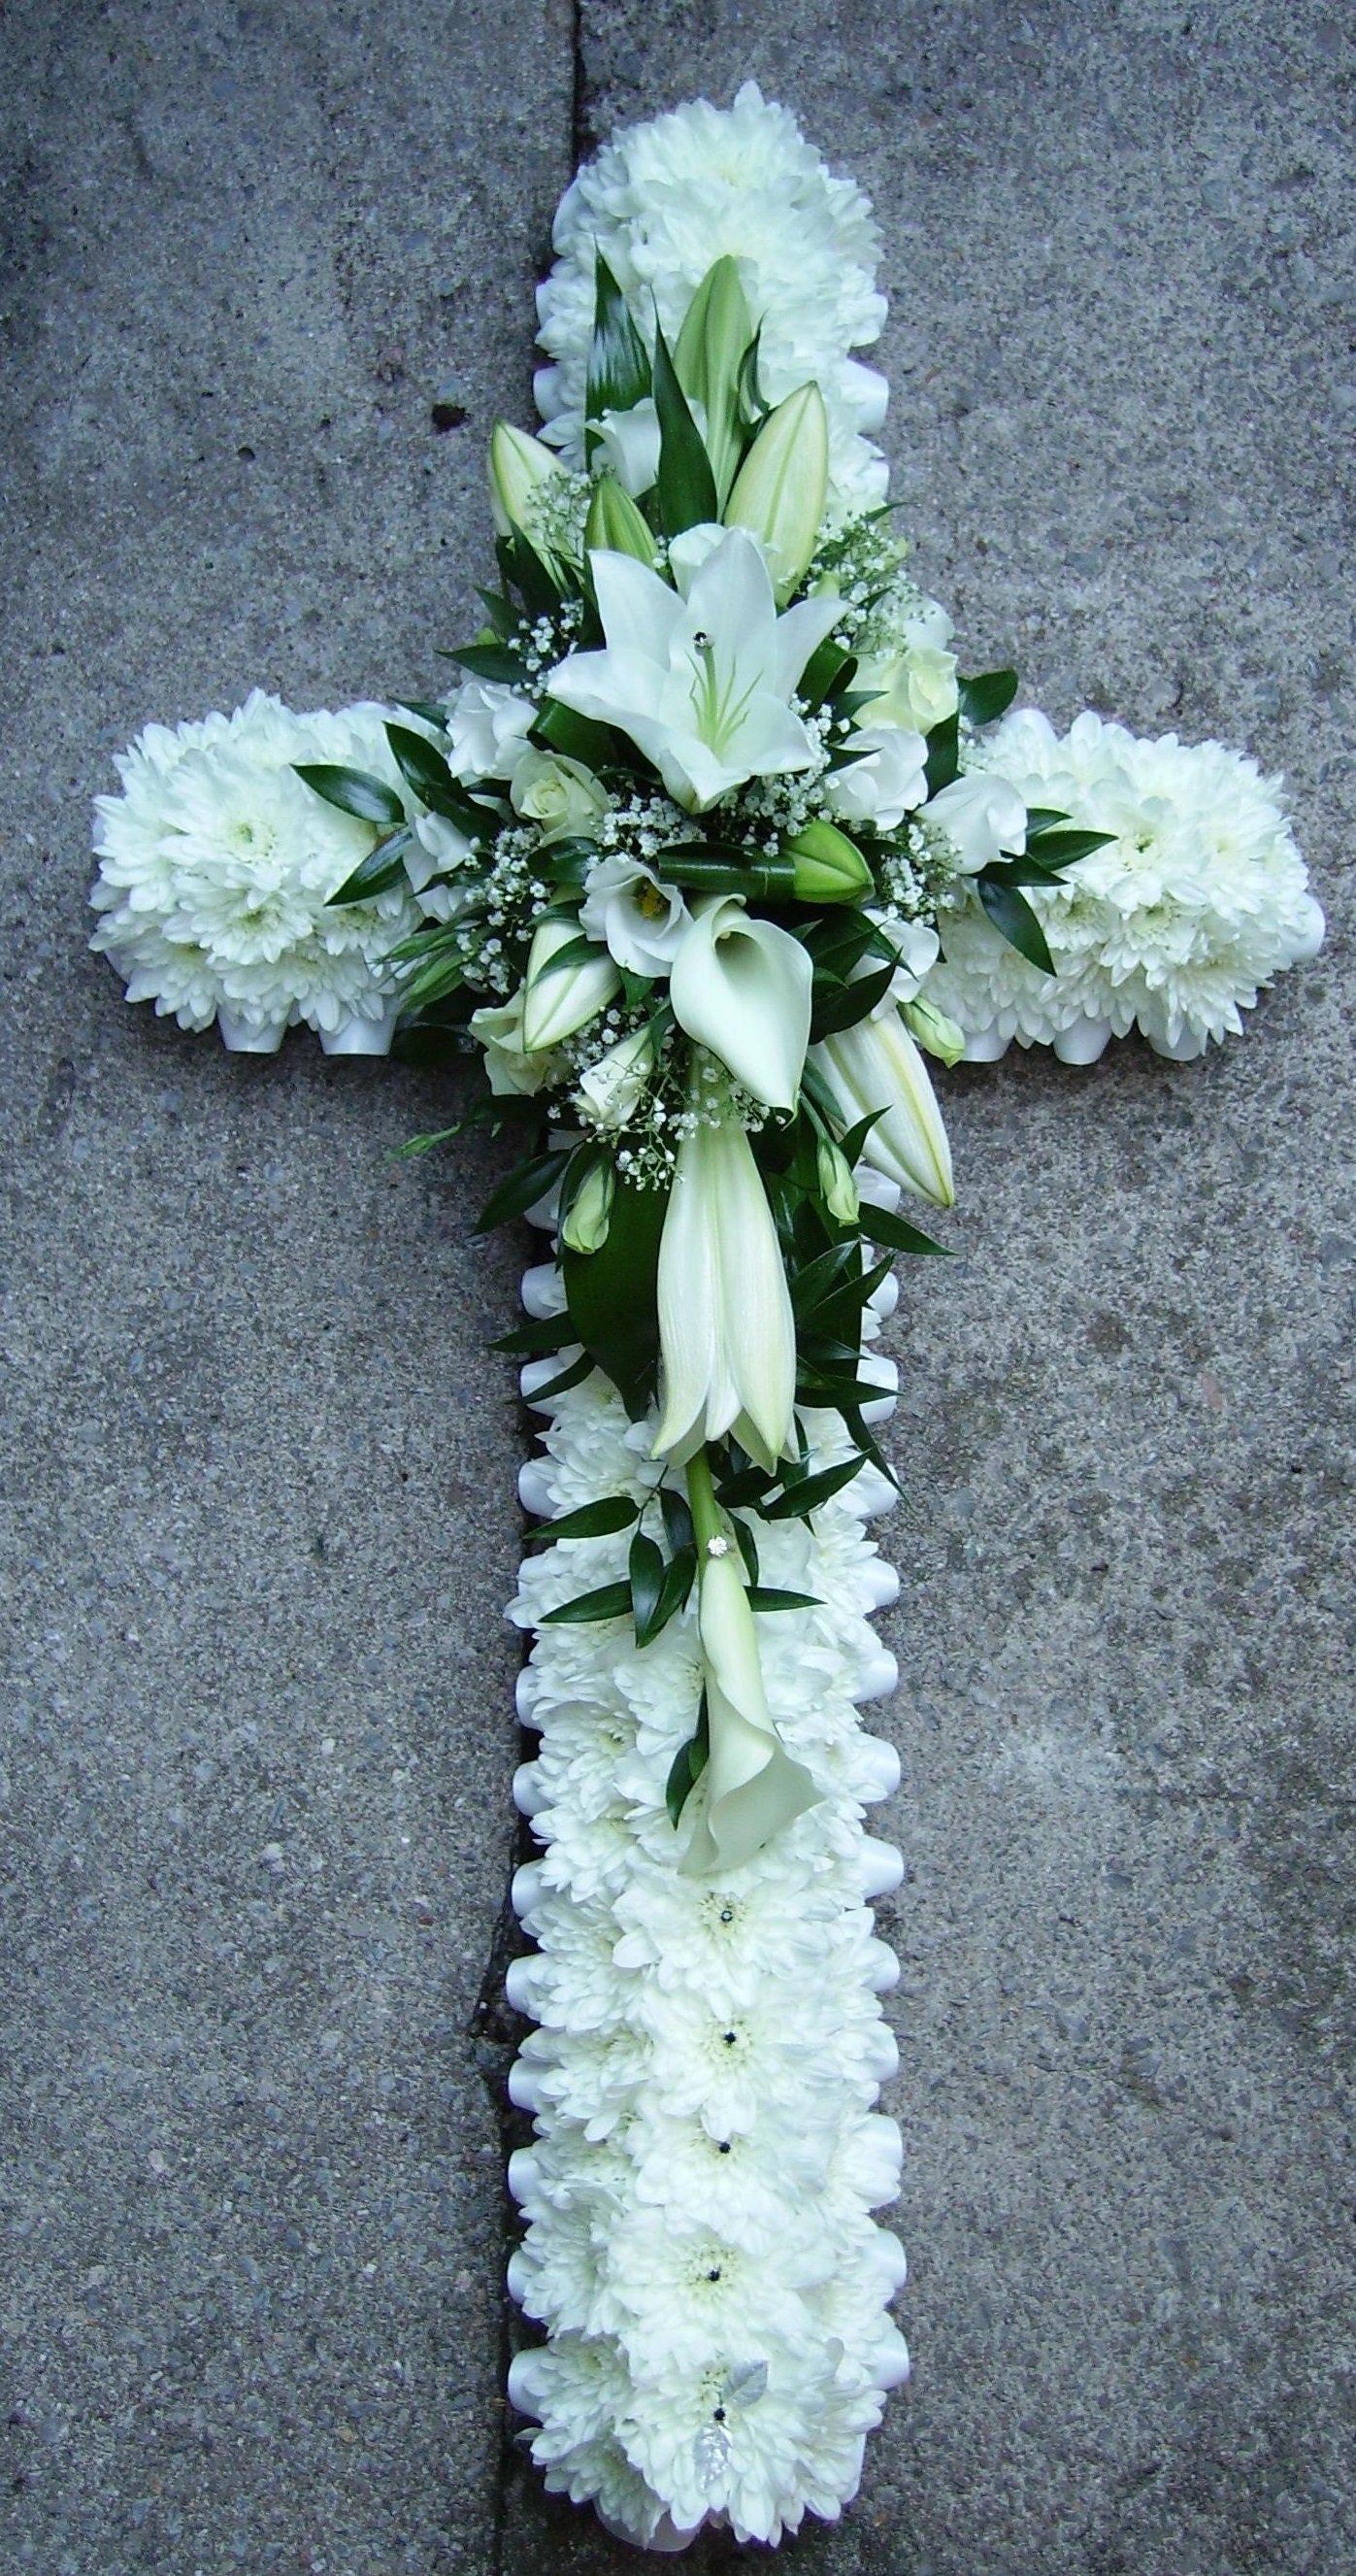 flowers in cross shape